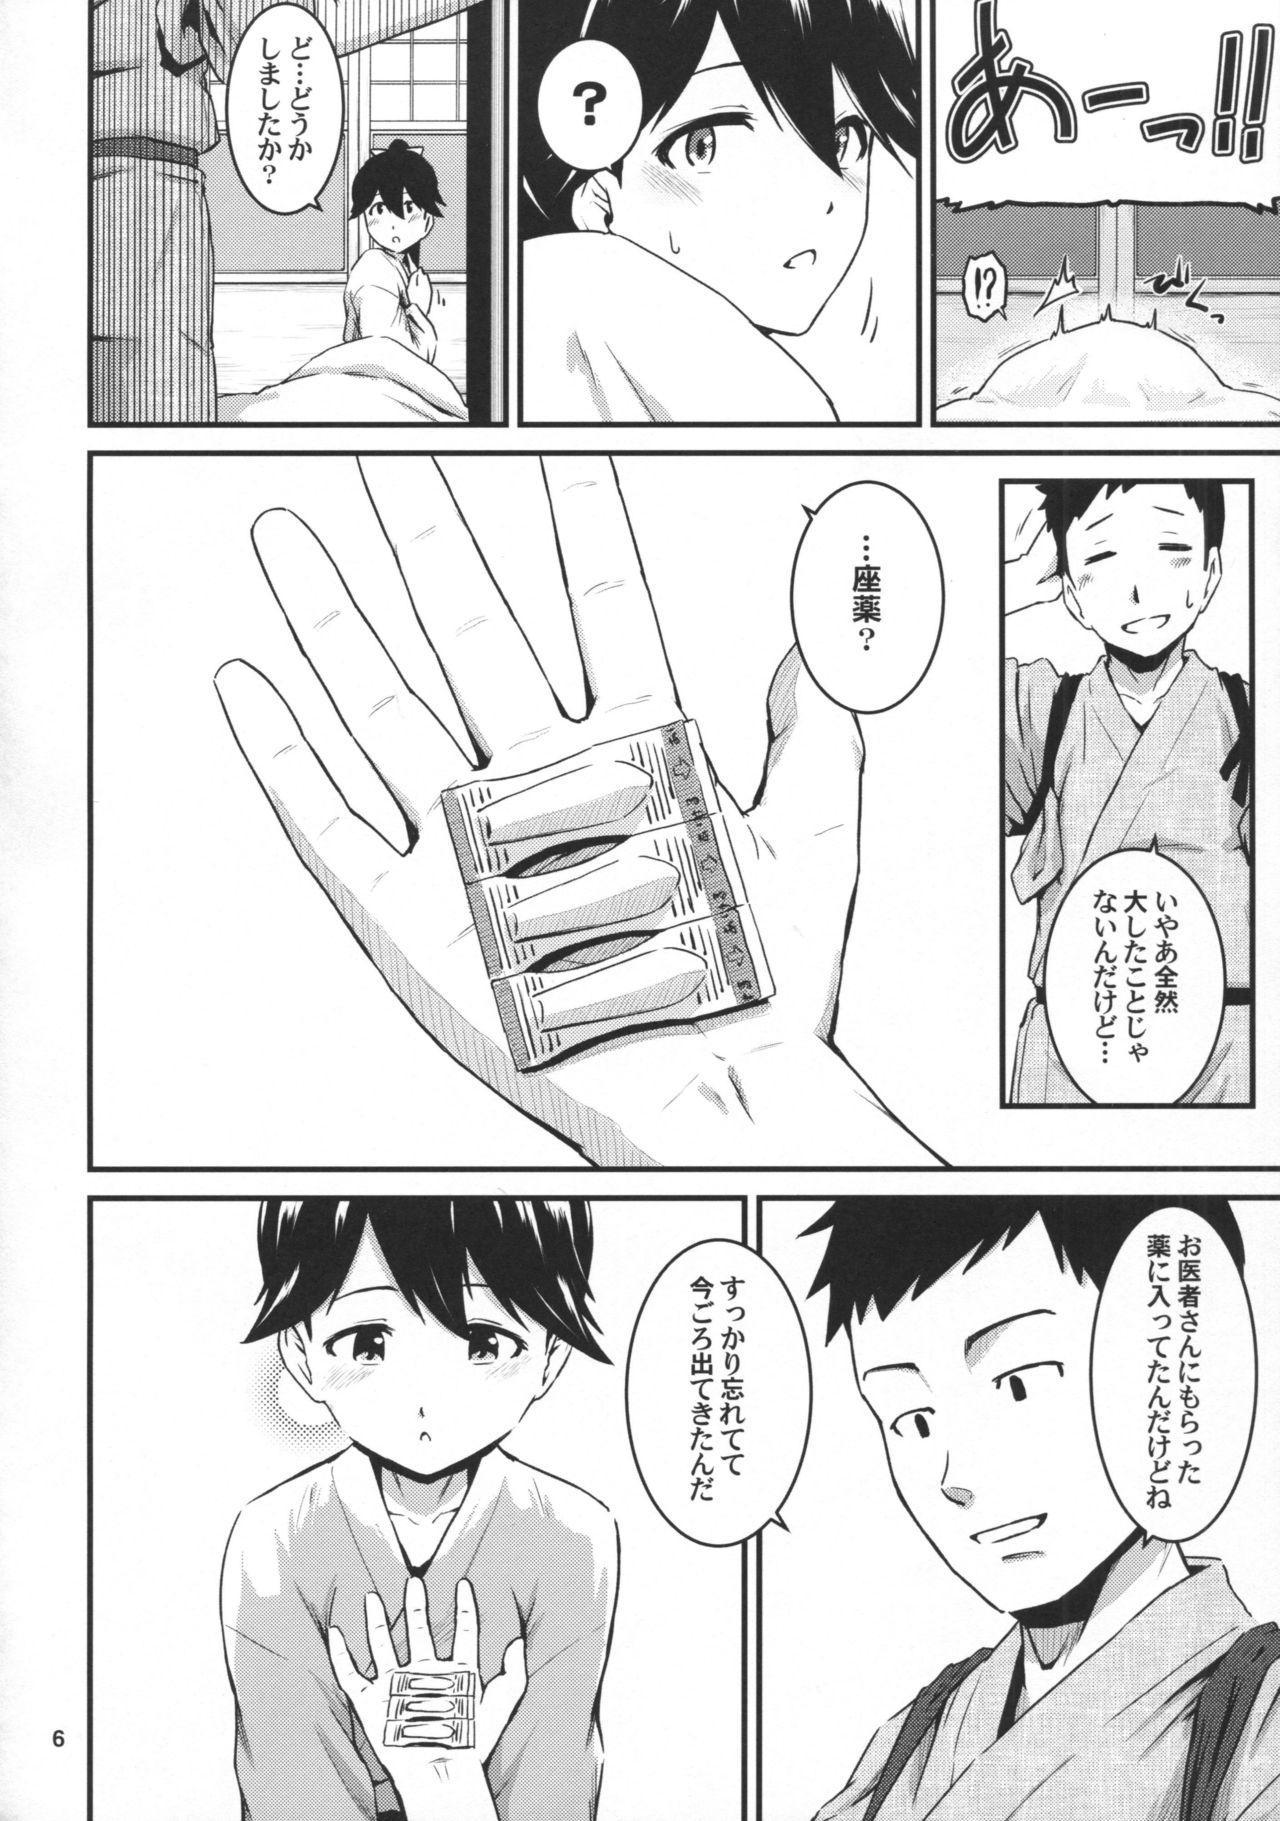 Houshou-san ga Kazehiita 4